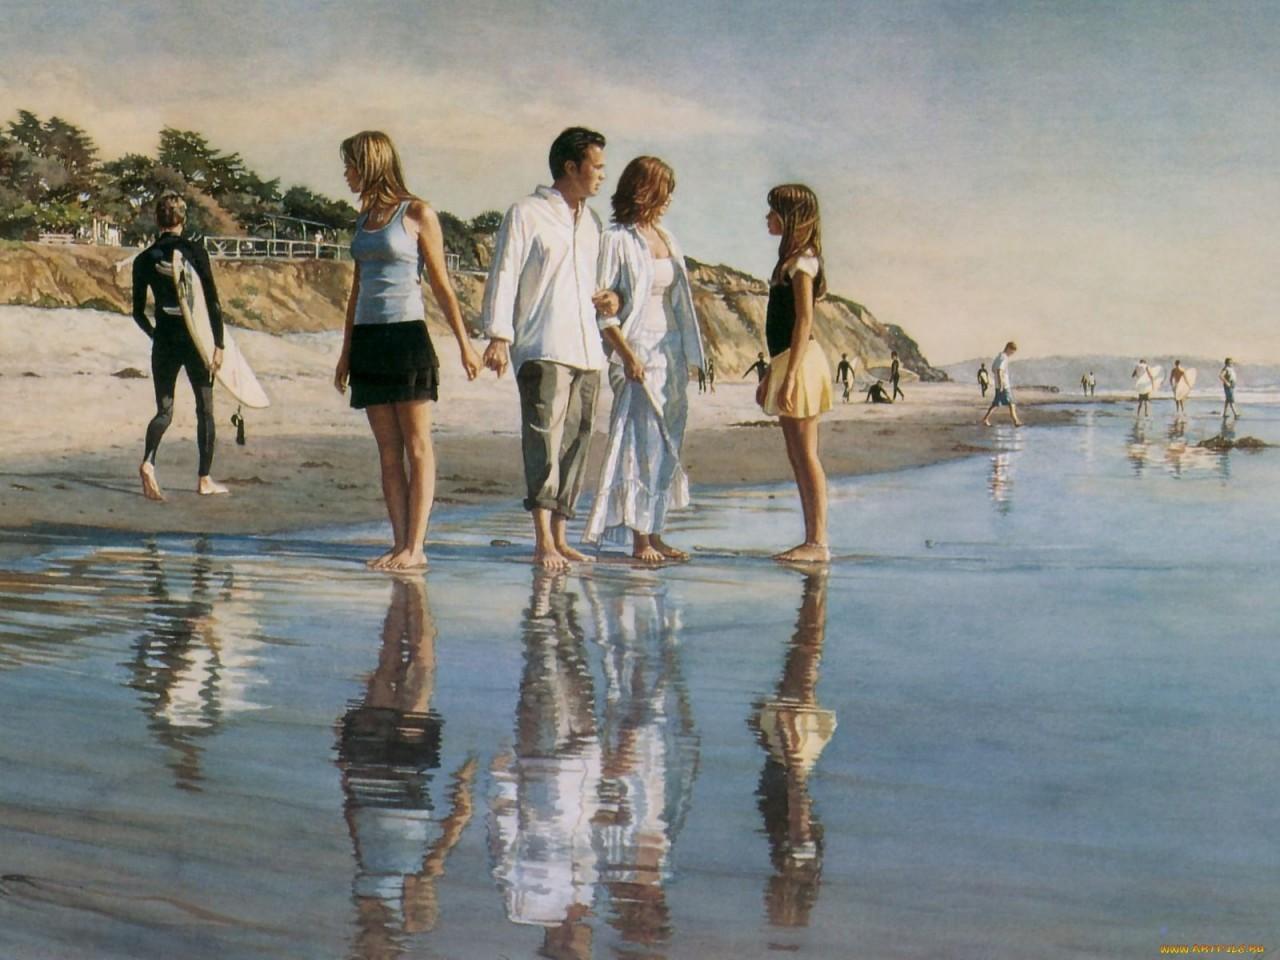 Эмоциональный реализм Стива Хенкса Стив Хенкс, акварель, картины